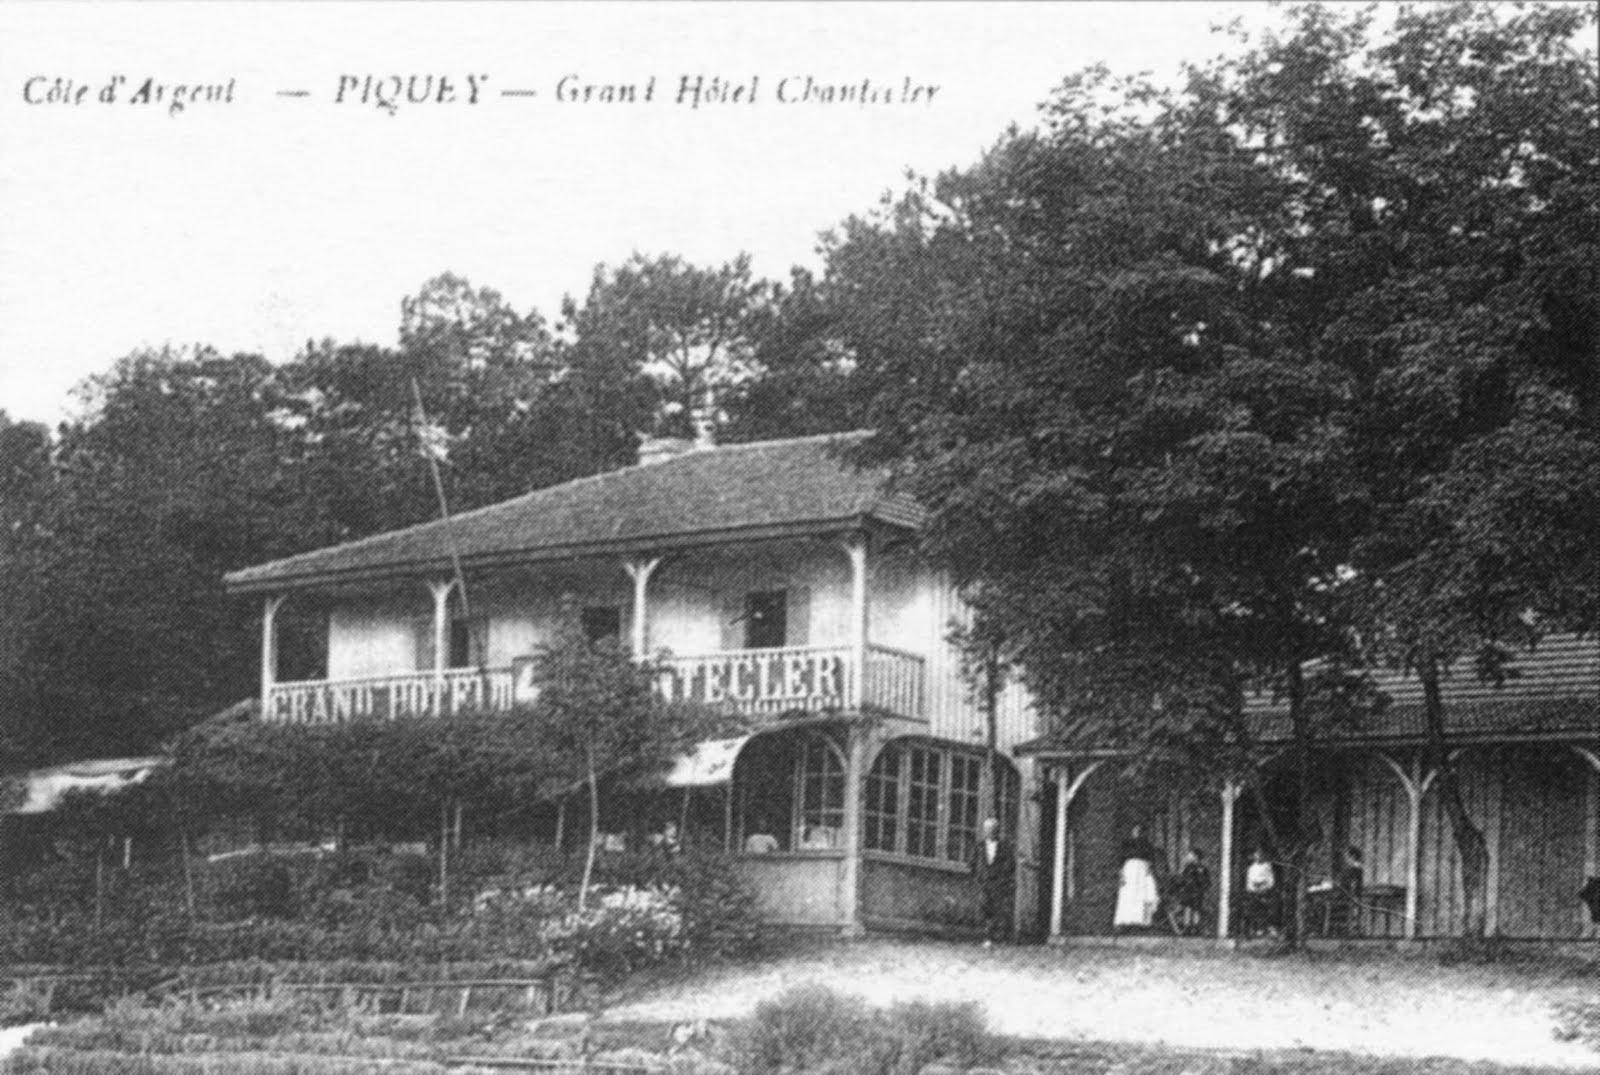 Ancien Hôtel Chanteclerc du Piquey